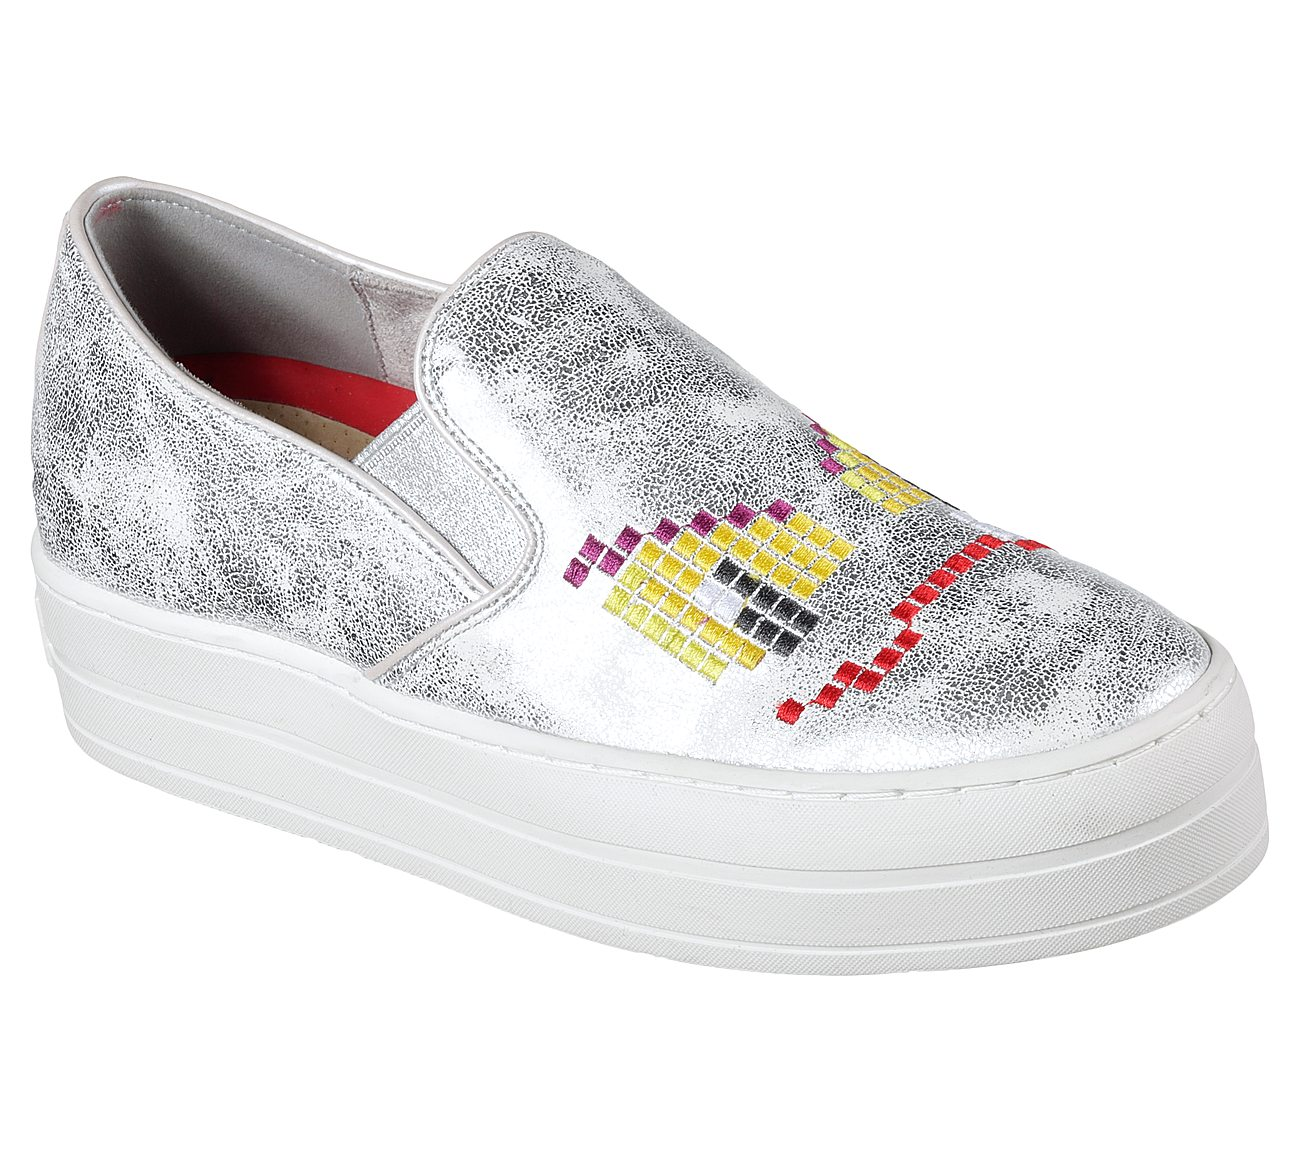 Uplift only 40 Street Grimace Shoes 00 SKECHERS SKECHER Buy Y60wzx5qO